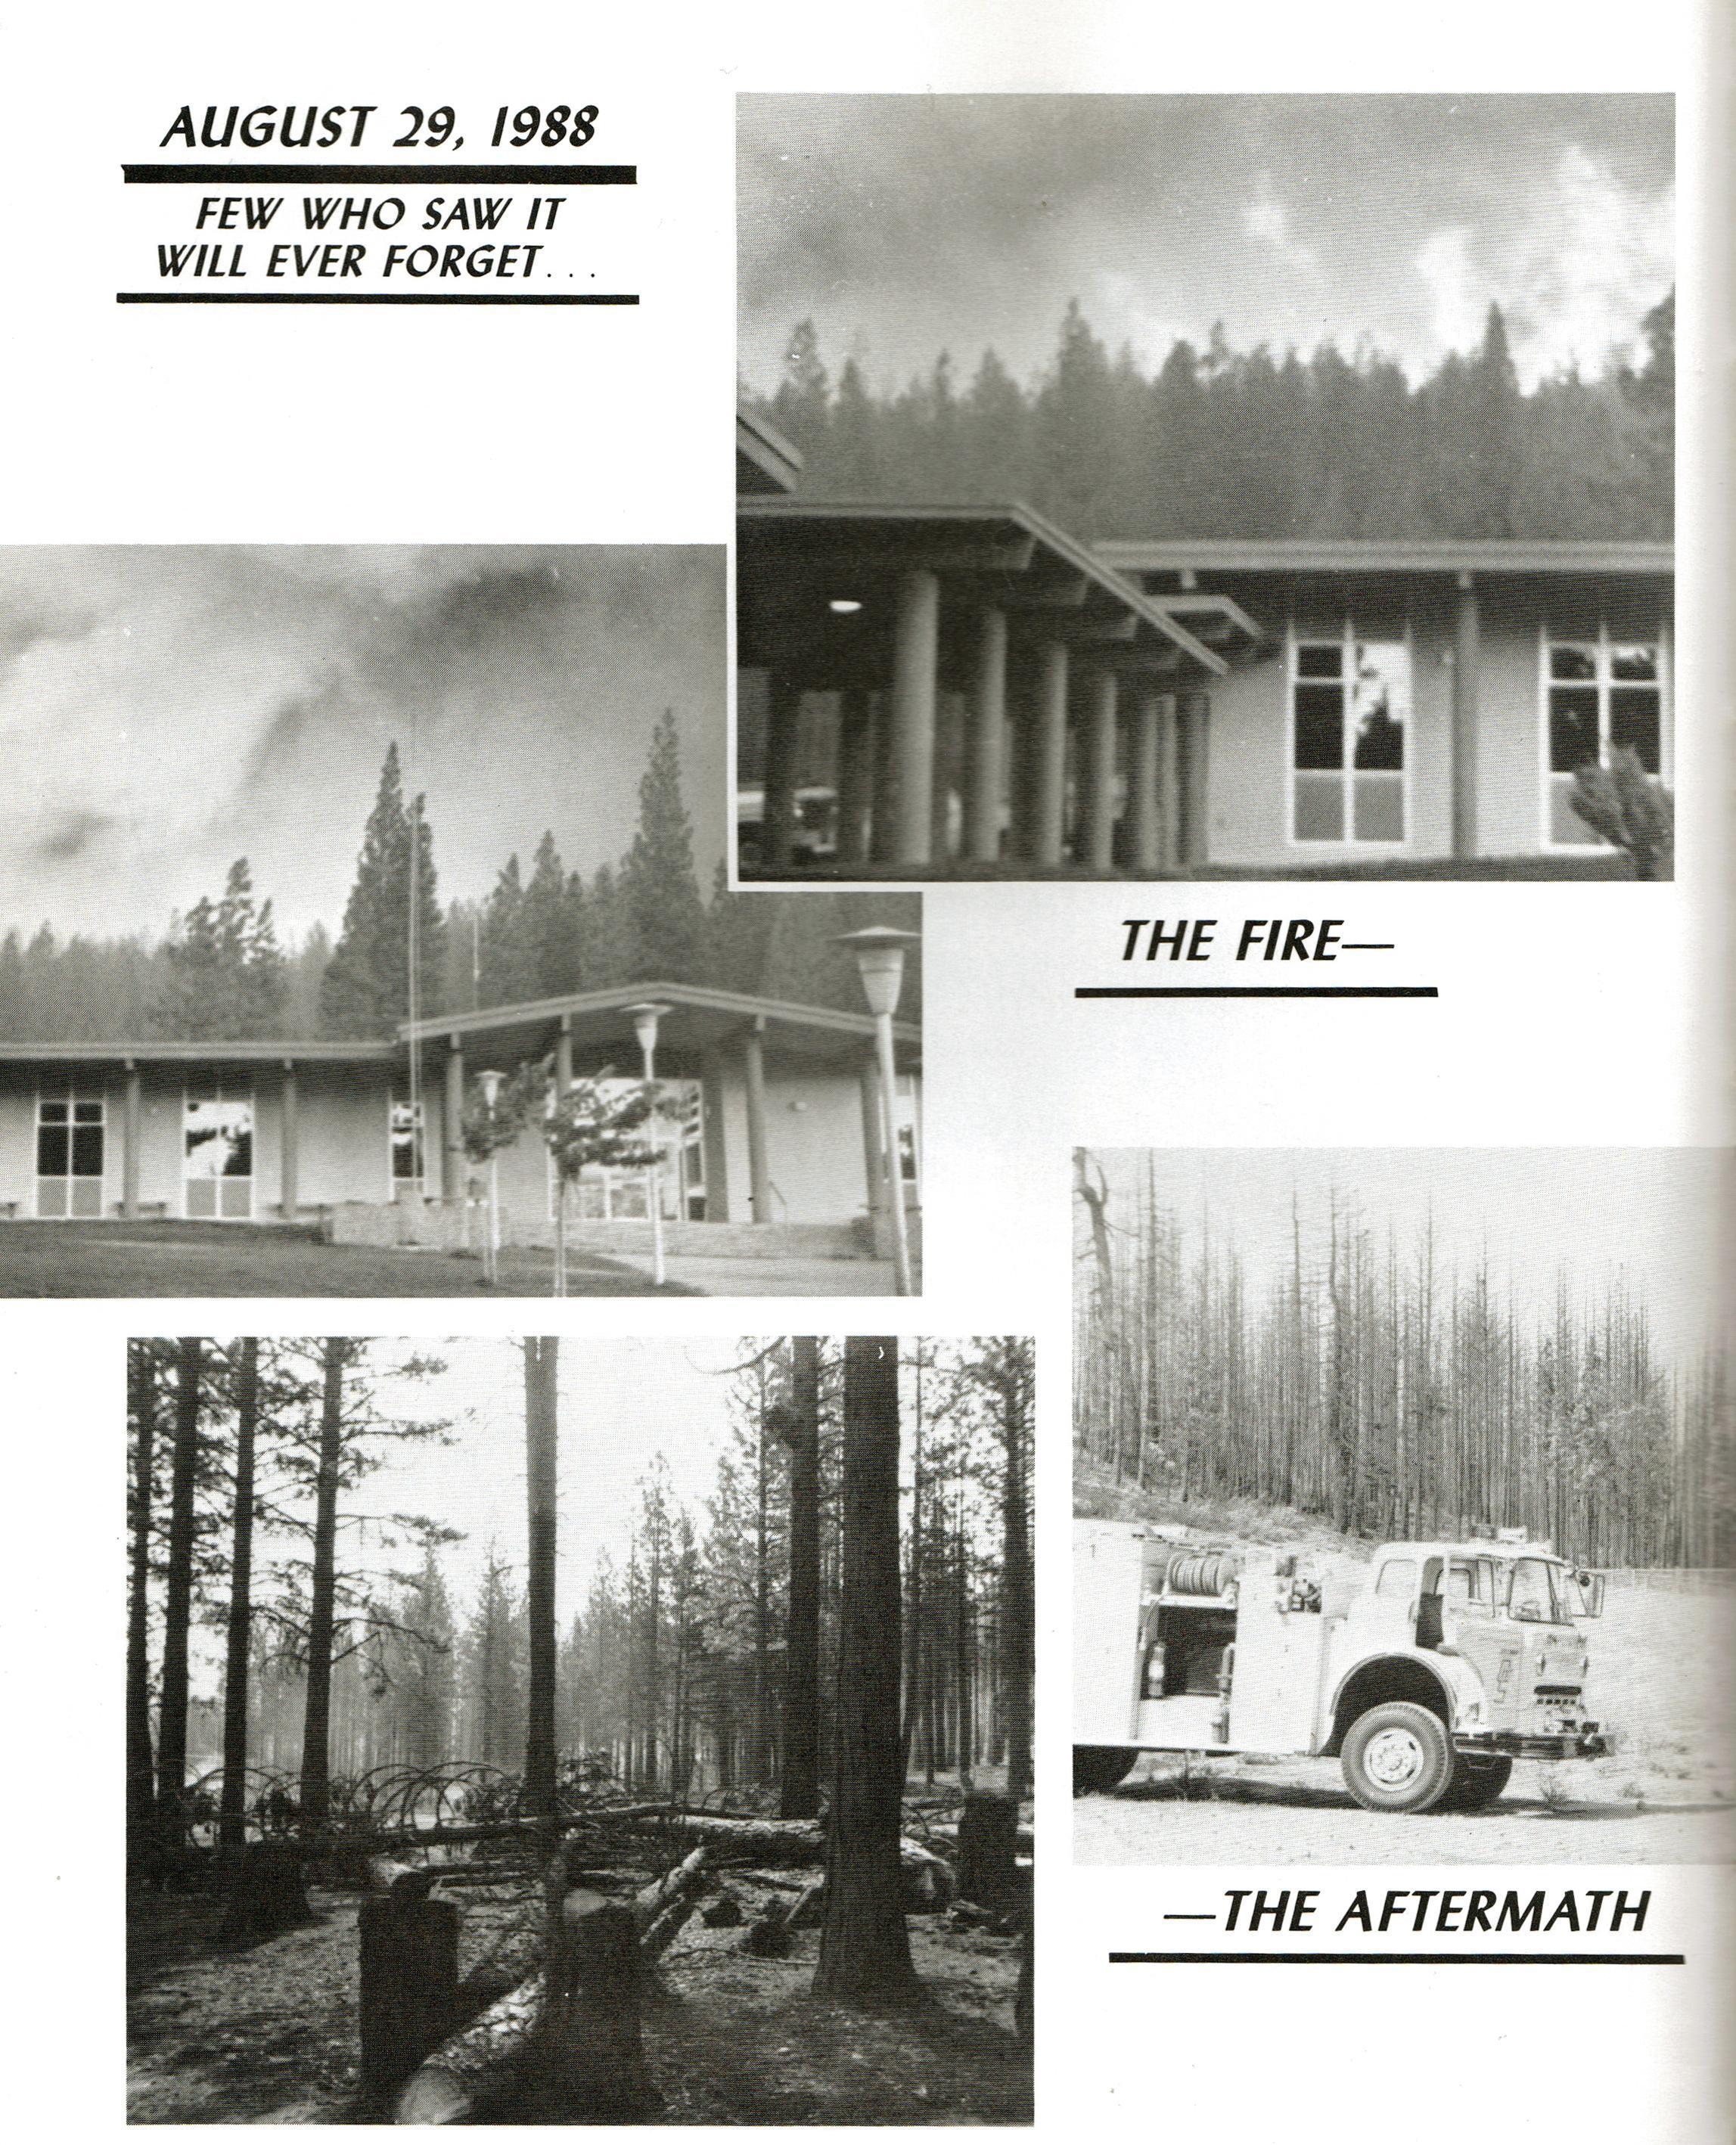 1988 fire